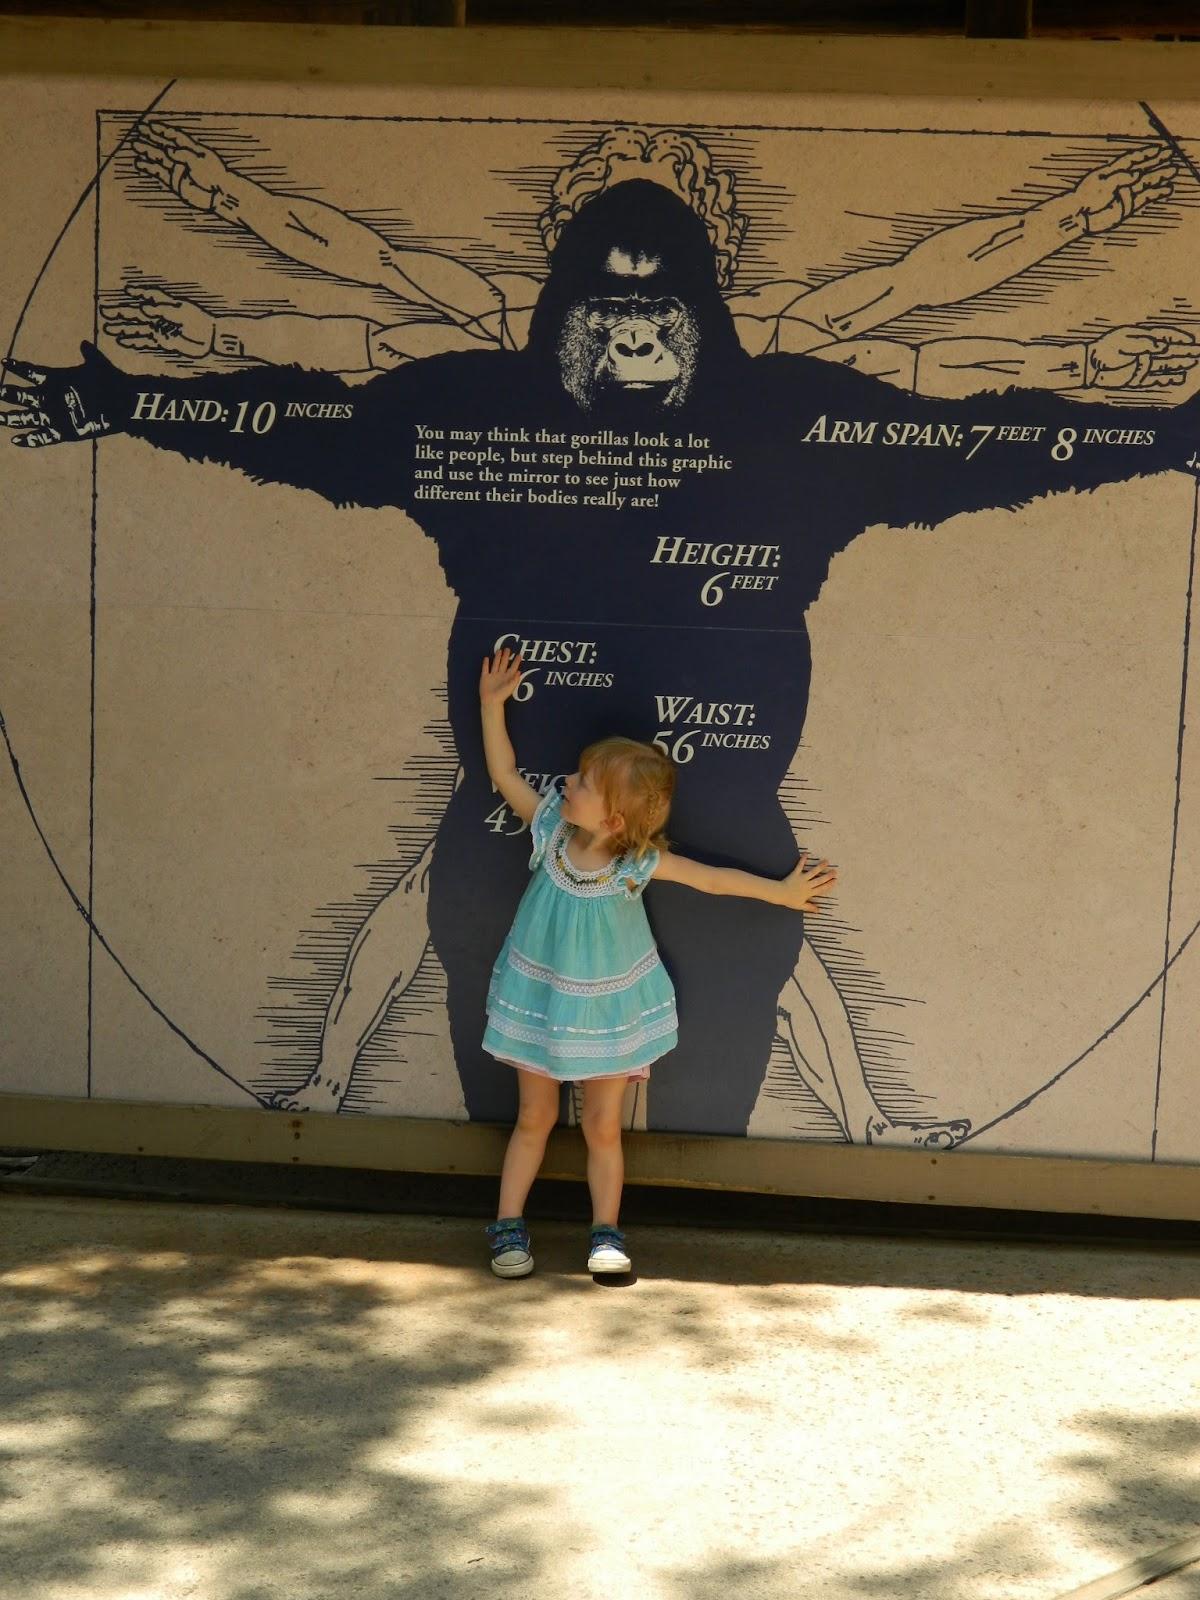 Gorilla Size Comparison